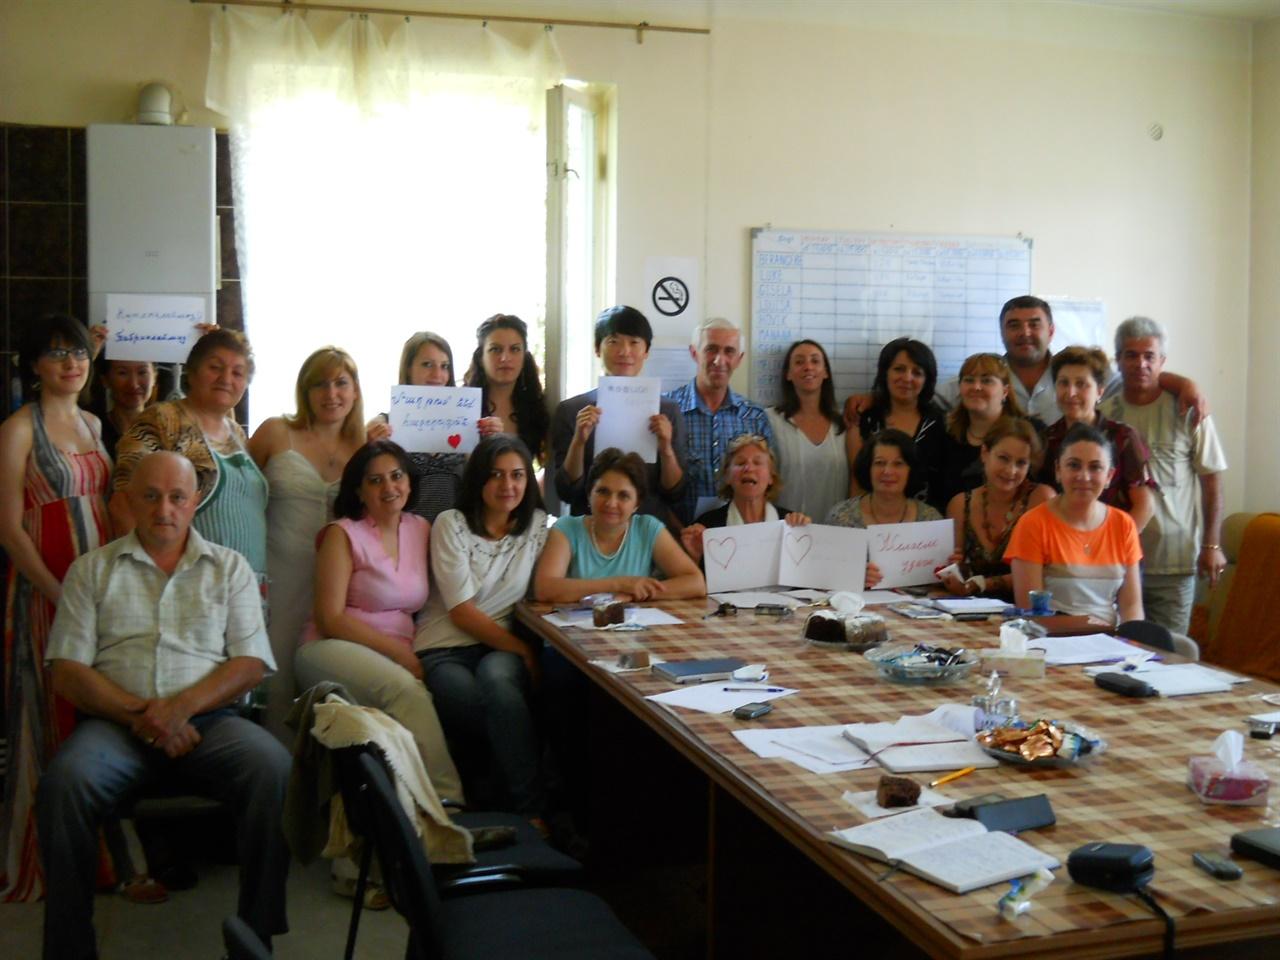 국경없는의사회 아르메니아 북부 사업 팀원들 가운데 유일한 아시아인이 필자. 아랫줄 좌측에서 네번째가 기젤라